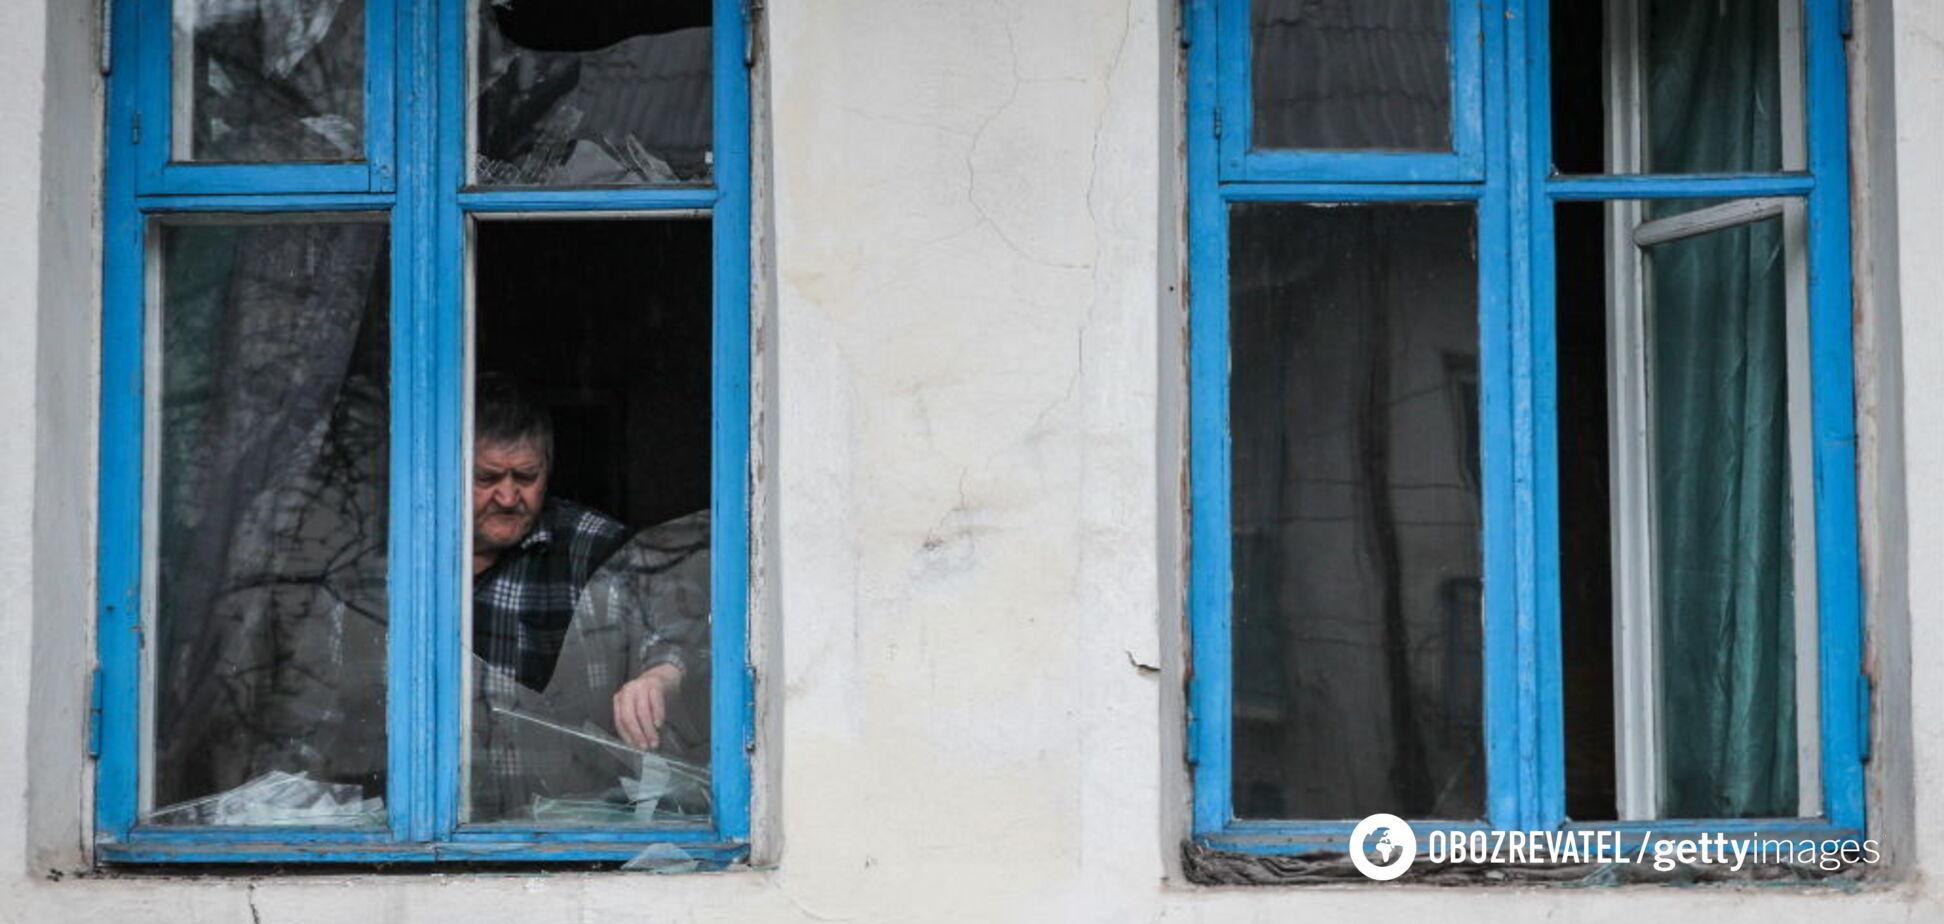 'Гиблое место': предрекли судьбу Донбасса после получения паспортов РФ